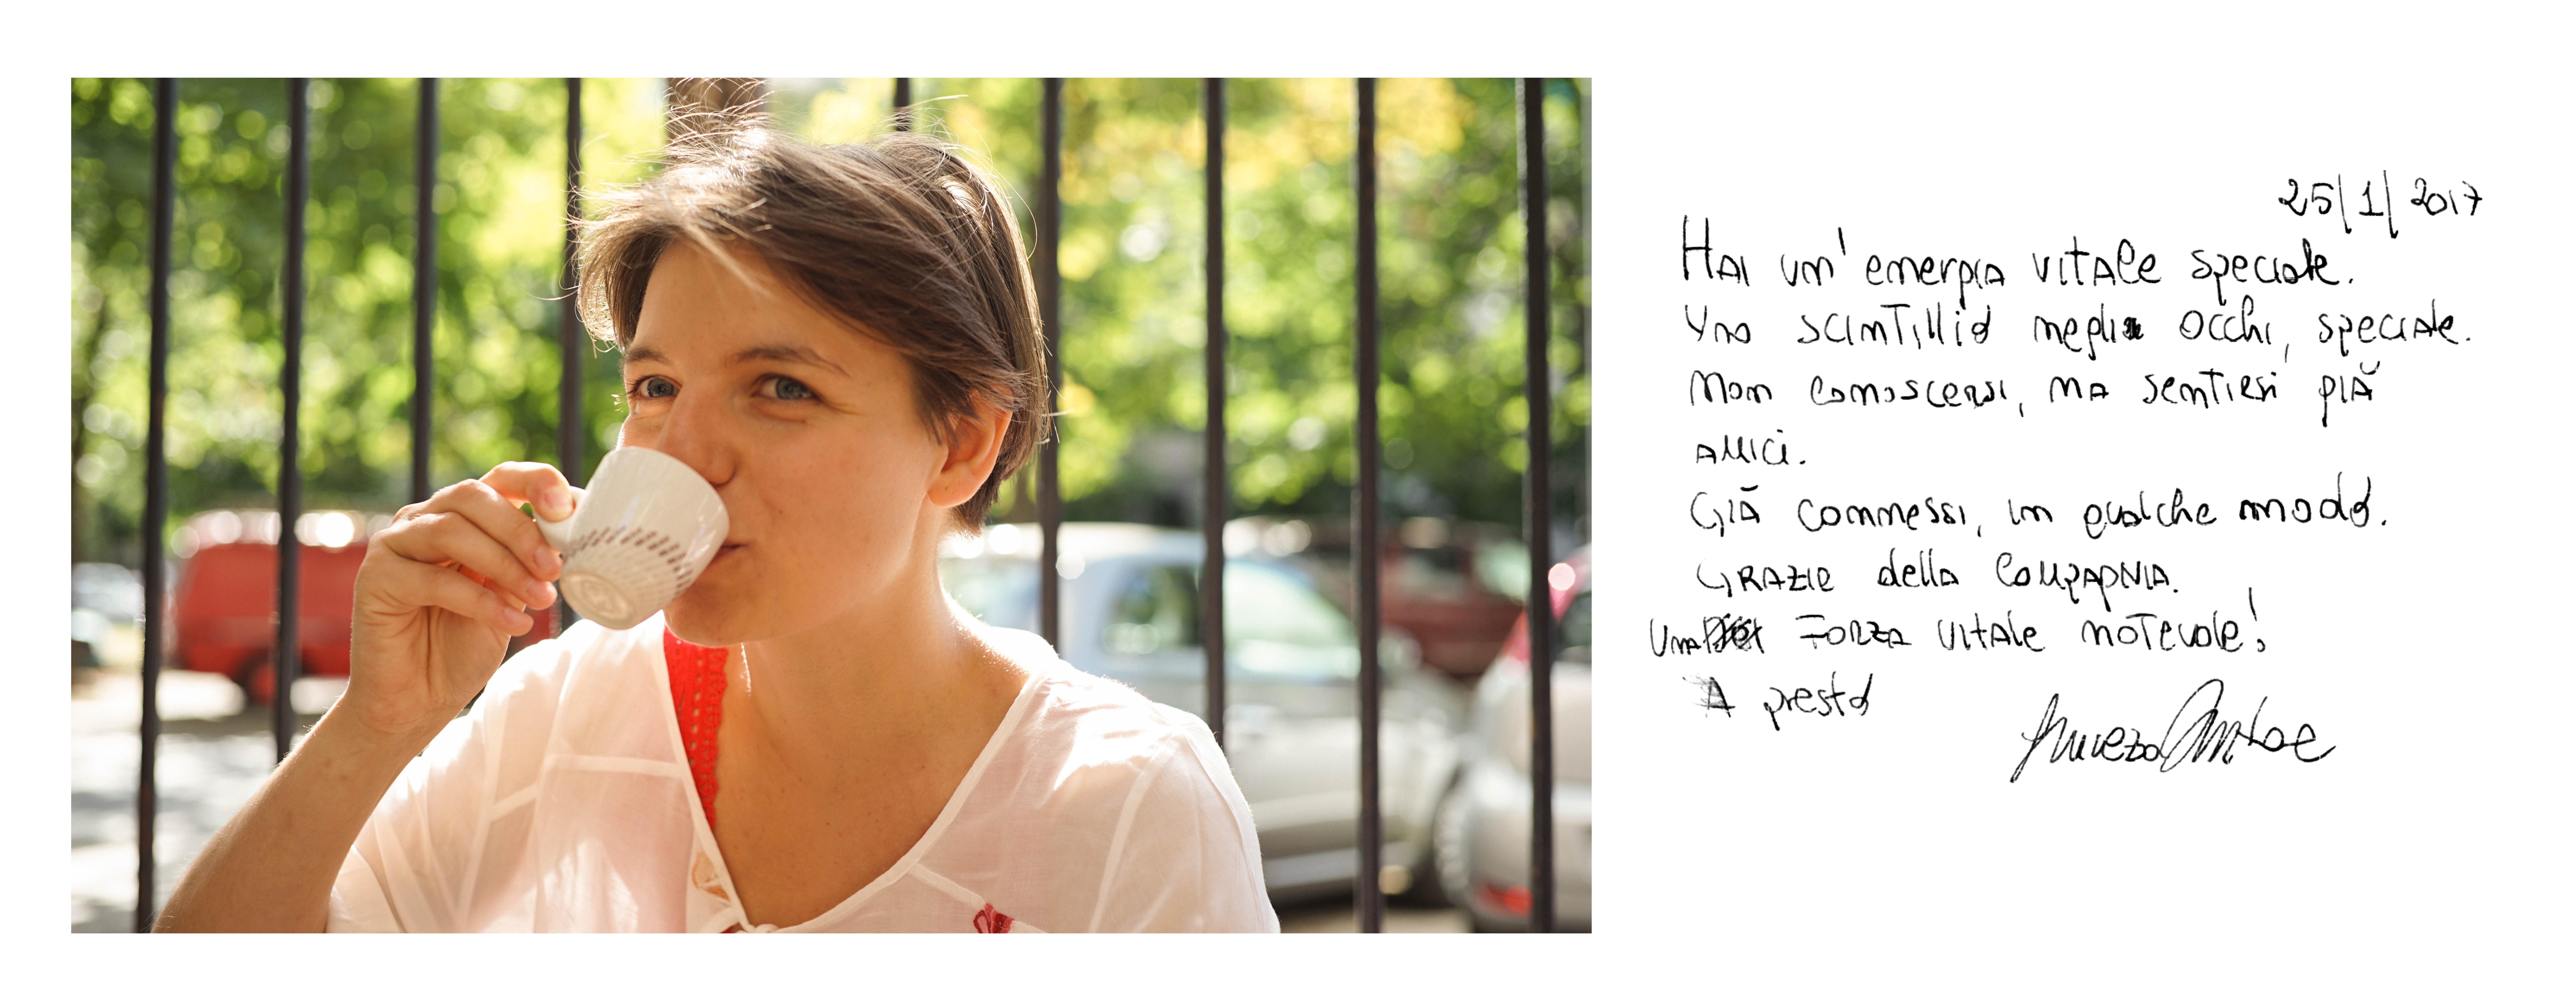 Lucrezia_letter.jpg